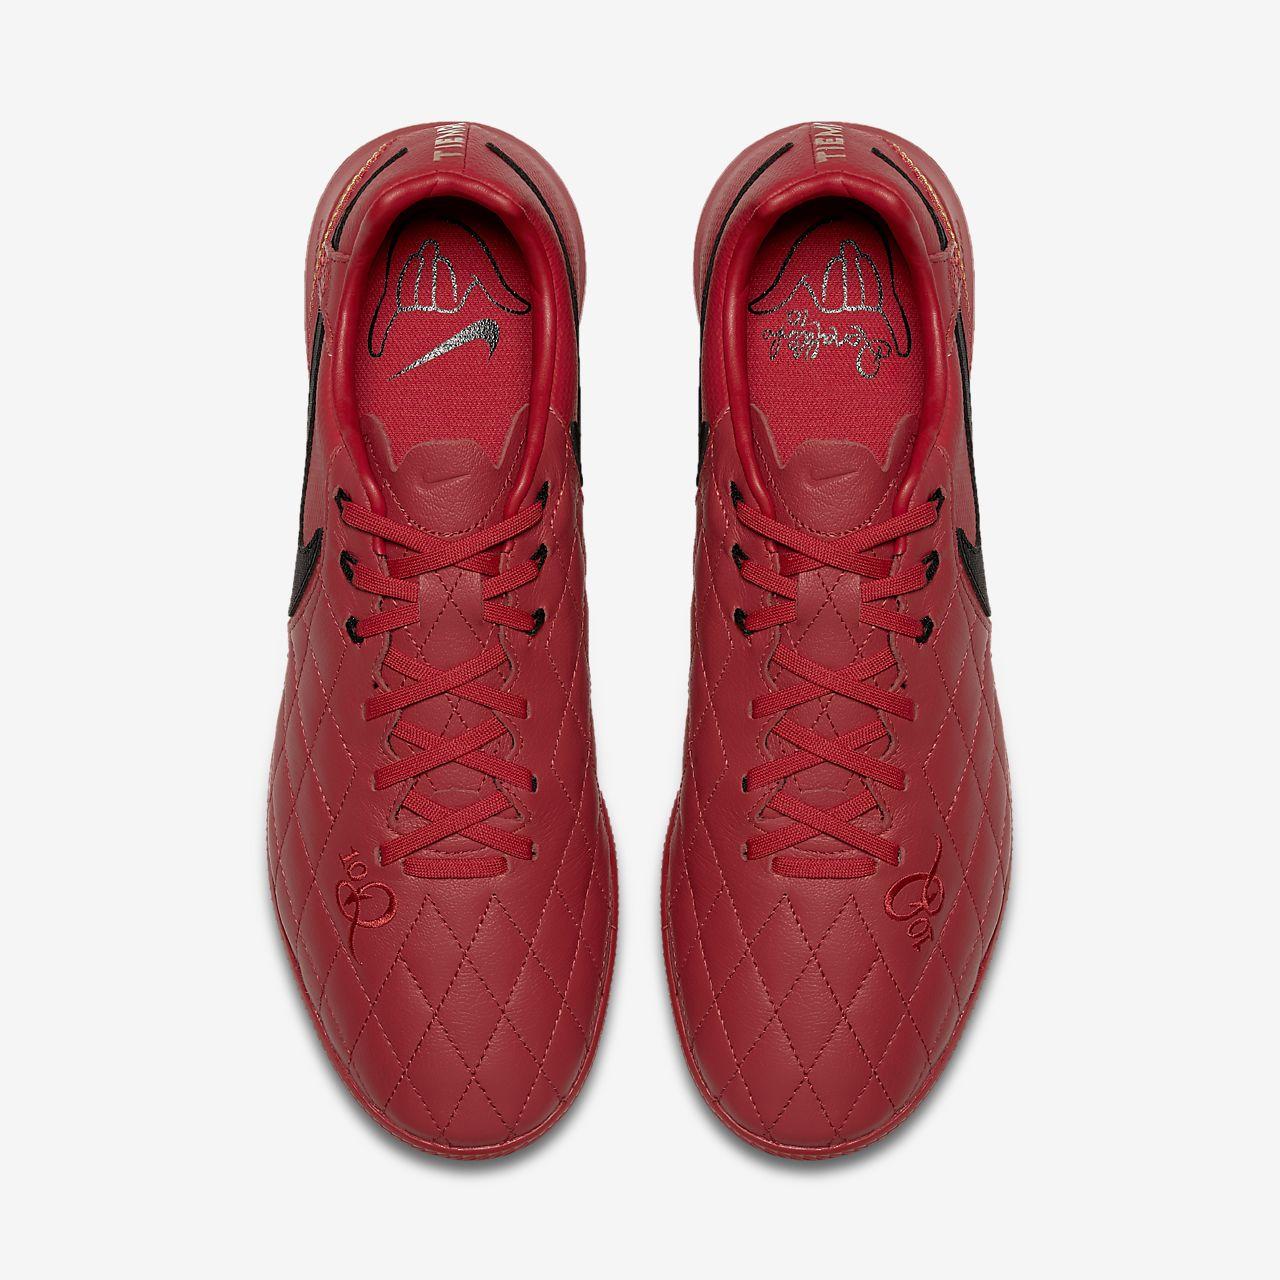 Nike TiempoX Lunar Legend VII Pro 10R Fußballschuh für Kunstrasen